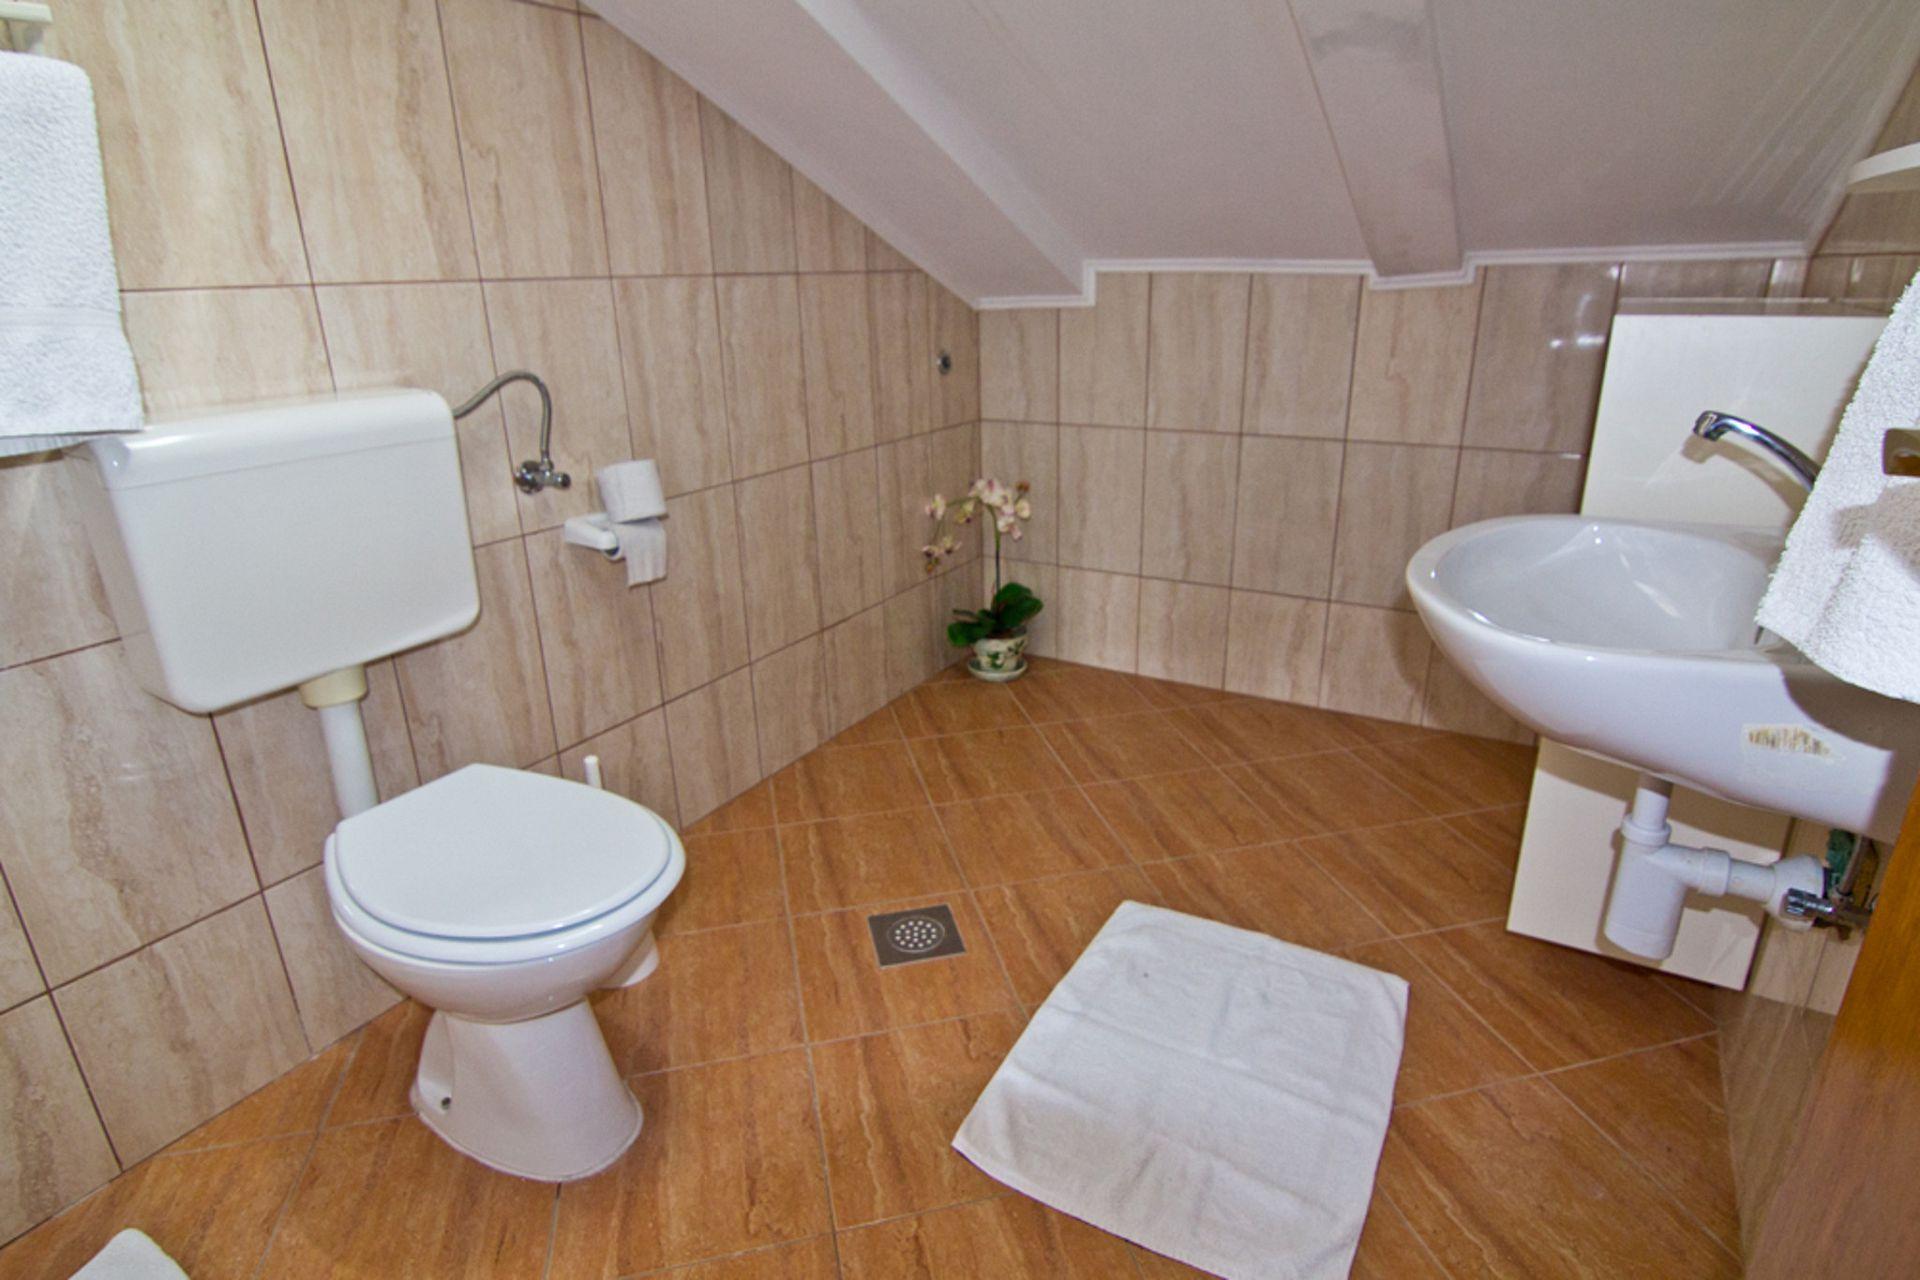 Ankica - Кампор - Апартаменты Хорватия - A2(8): ванная комната с туалетом